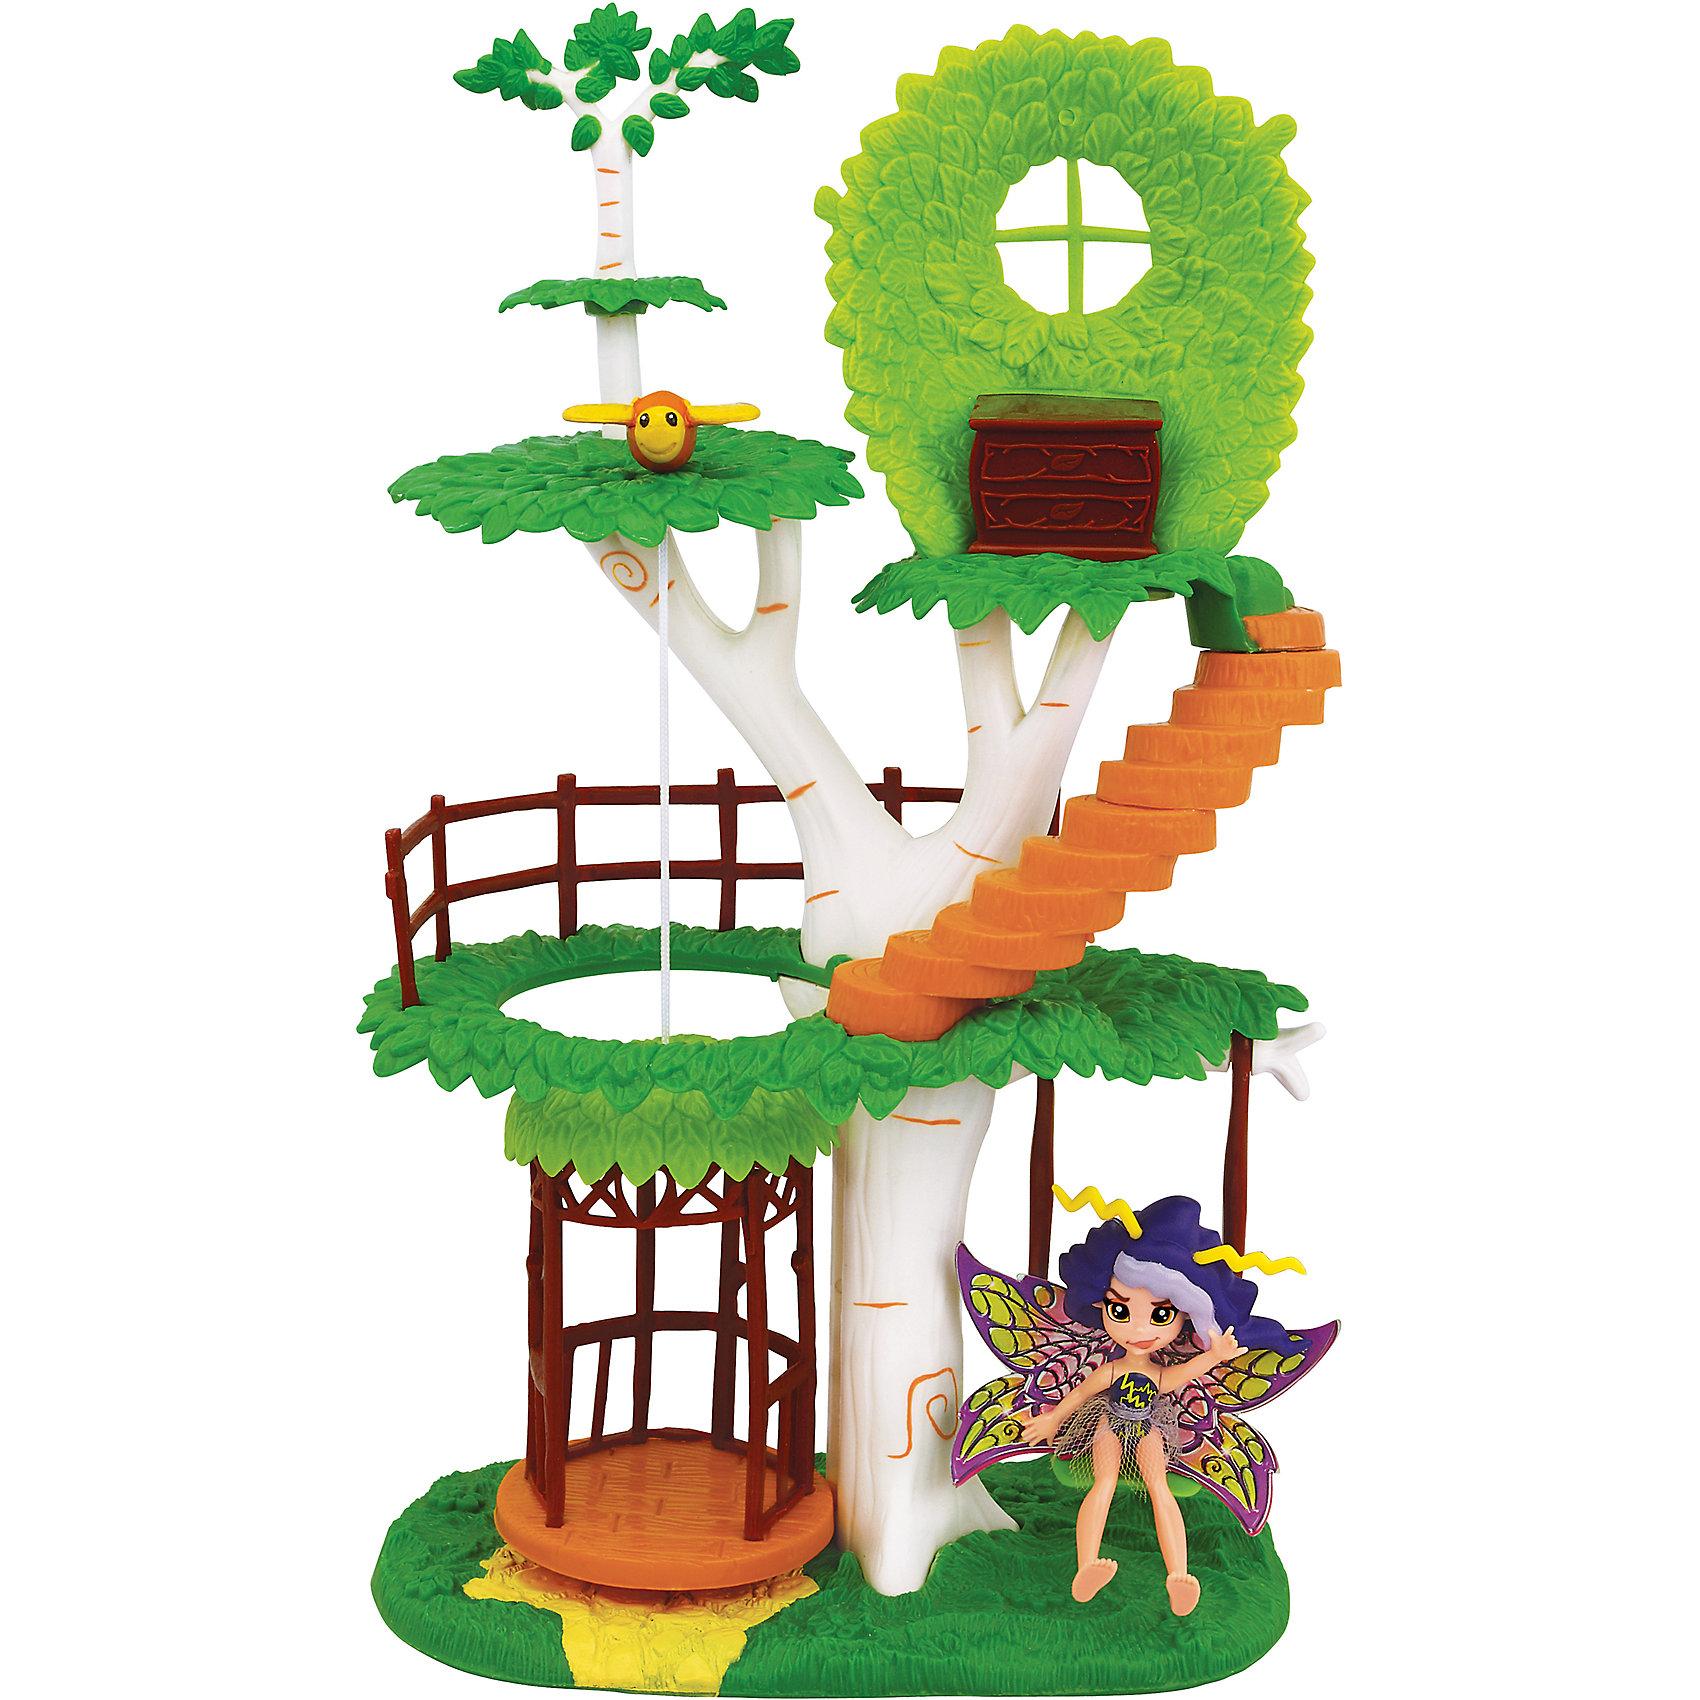 Набор: Фея Вольтесса и Домик-дерево, LanardМини-куклы<br>Характеристики товара:<br><br>• возраст: от 4 лет;<br>• материал: пластик;<br>• в комплекте: кукла, домик, аксессуары;<br>• высота куклы: 8,5 см;<br>• высота домика: 31 см;<br>• размер упаковки: 35х21х12 см;<br>• вес упаковки: 580 гр.;<br>• страна производитель: Китай.<br><br>Игровой набор «Фея Вольтесса и Домик-дерево» Lanard включает в себя сказочную фею, которая живет в прекрасном волшебном саду. Вольтесса увлекается магией и часто пользуется своей магической книгой. Фея одета в фиолетовое блестящее платье, а за спиной у нее необычные разноцветные крылышки.<br><br>Живет фея в домике-дереве. У домика 3 уровня, добраться на верхние этажи можно при помощи лифта и винтовой лестницы. У куклы подвижные голова, ручки и ножки. Игра с очаровательной феей станет для девочки увлекательным процессом, который поспособствует развитию воображения и фантазии. <br><br>Игровой набор «Фея Вольтесса и Домик-дерево» Lanard можно приобрести в нашем интернет-магазине.<br><br>Ширина мм: 342<br>Глубина мм: 203<br>Высота мм: 110<br>Вес г: 671<br>Возраст от месяцев: 36<br>Возраст до месяцев: 2147483647<br>Пол: Женский<br>Возраст: Детский<br>SKU: 5485126